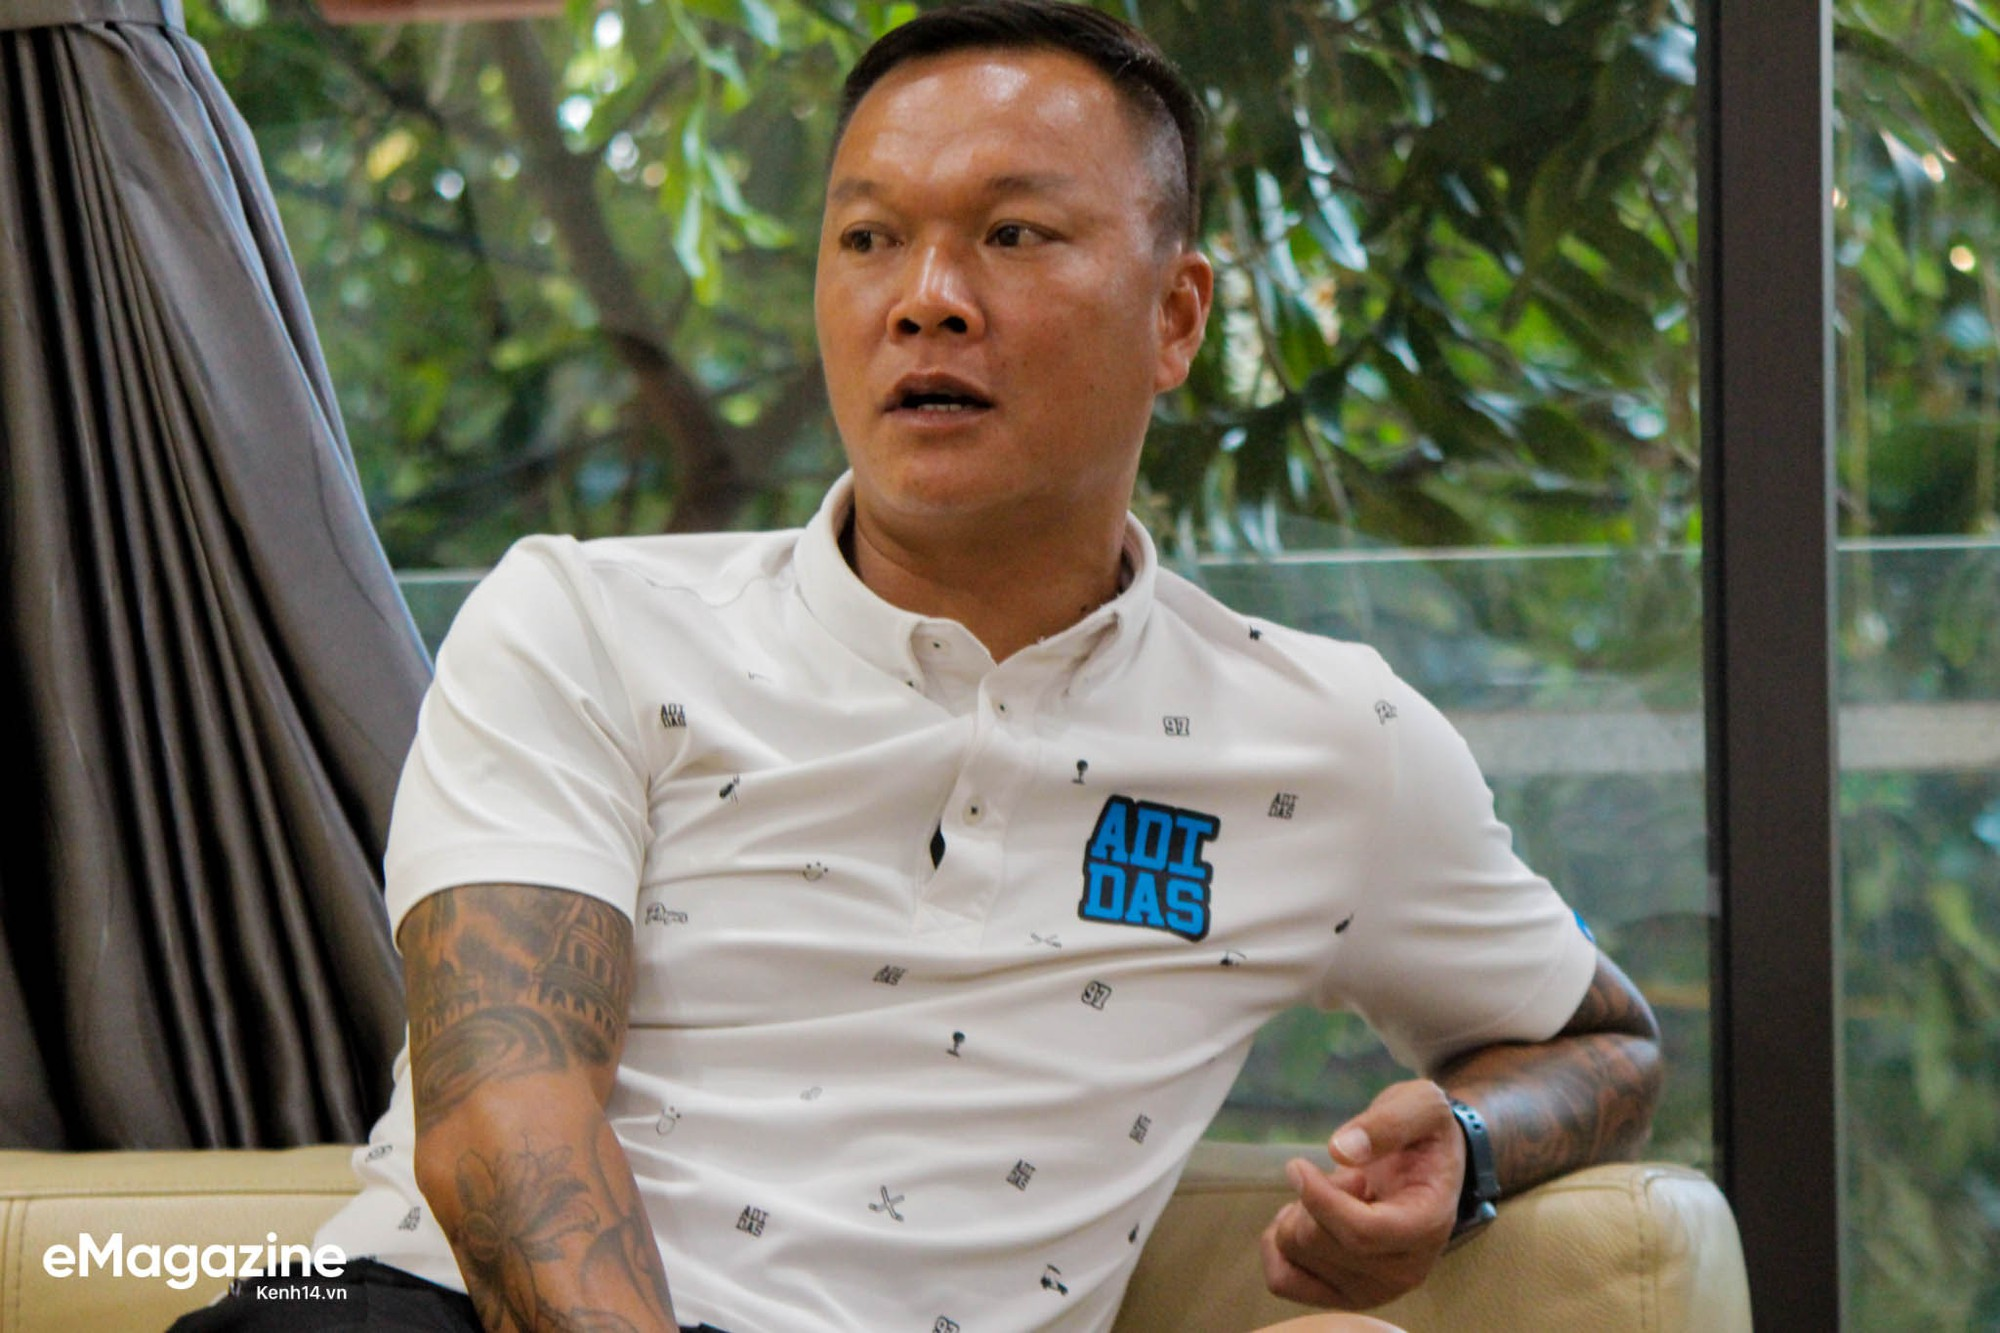 Những câu chuyện AFF Cup: Dương Hồng Sơn, thủ môn đi trước thời đại - Ảnh 8.